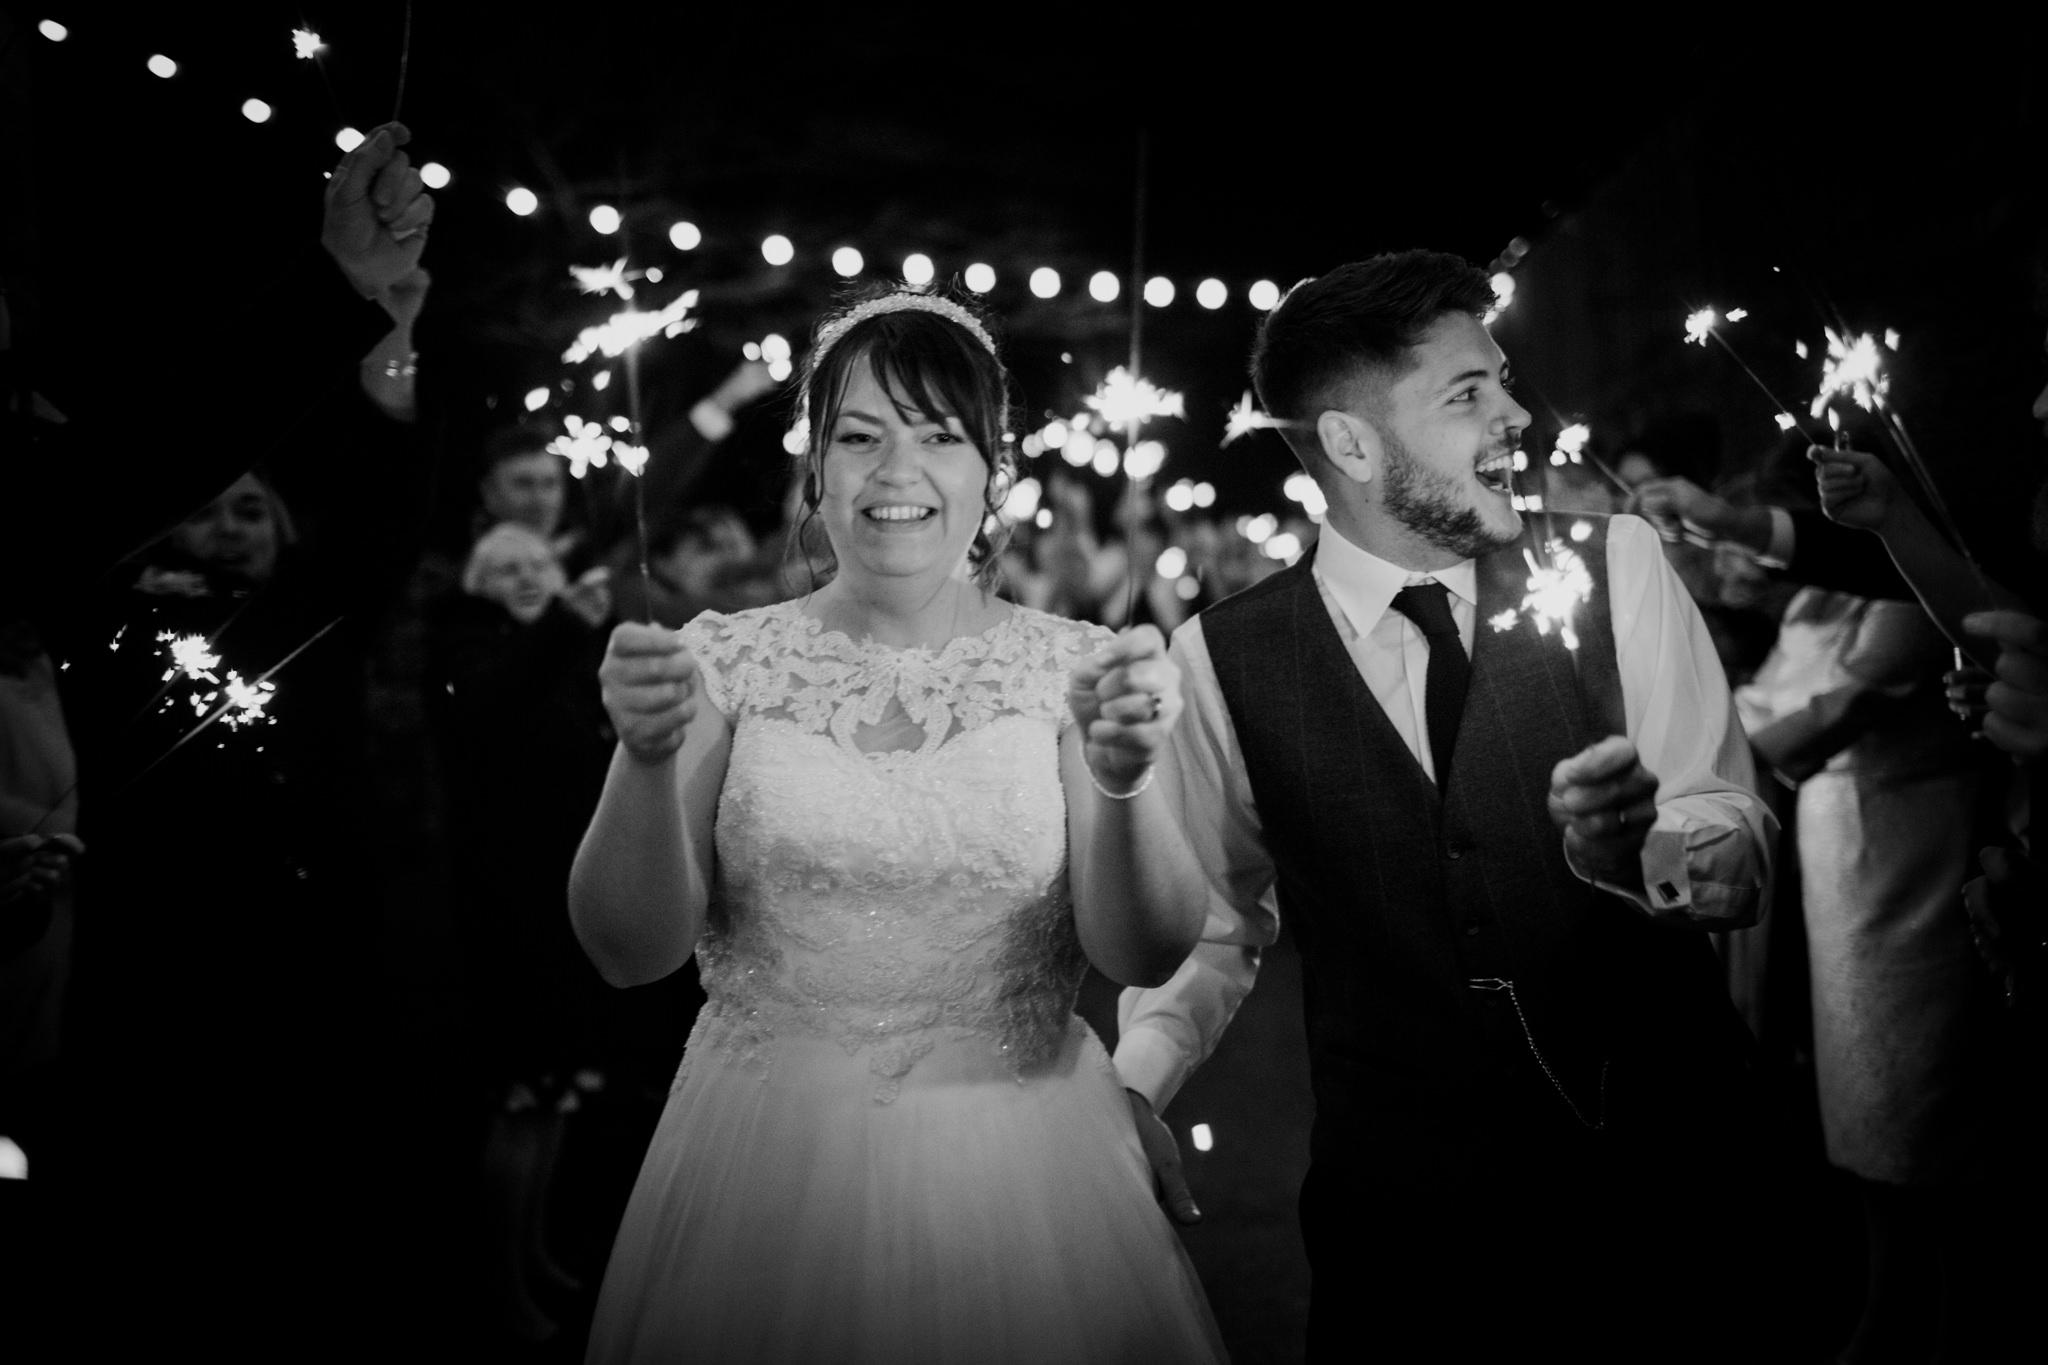 North Devon Wedding Photographer 051.jpg